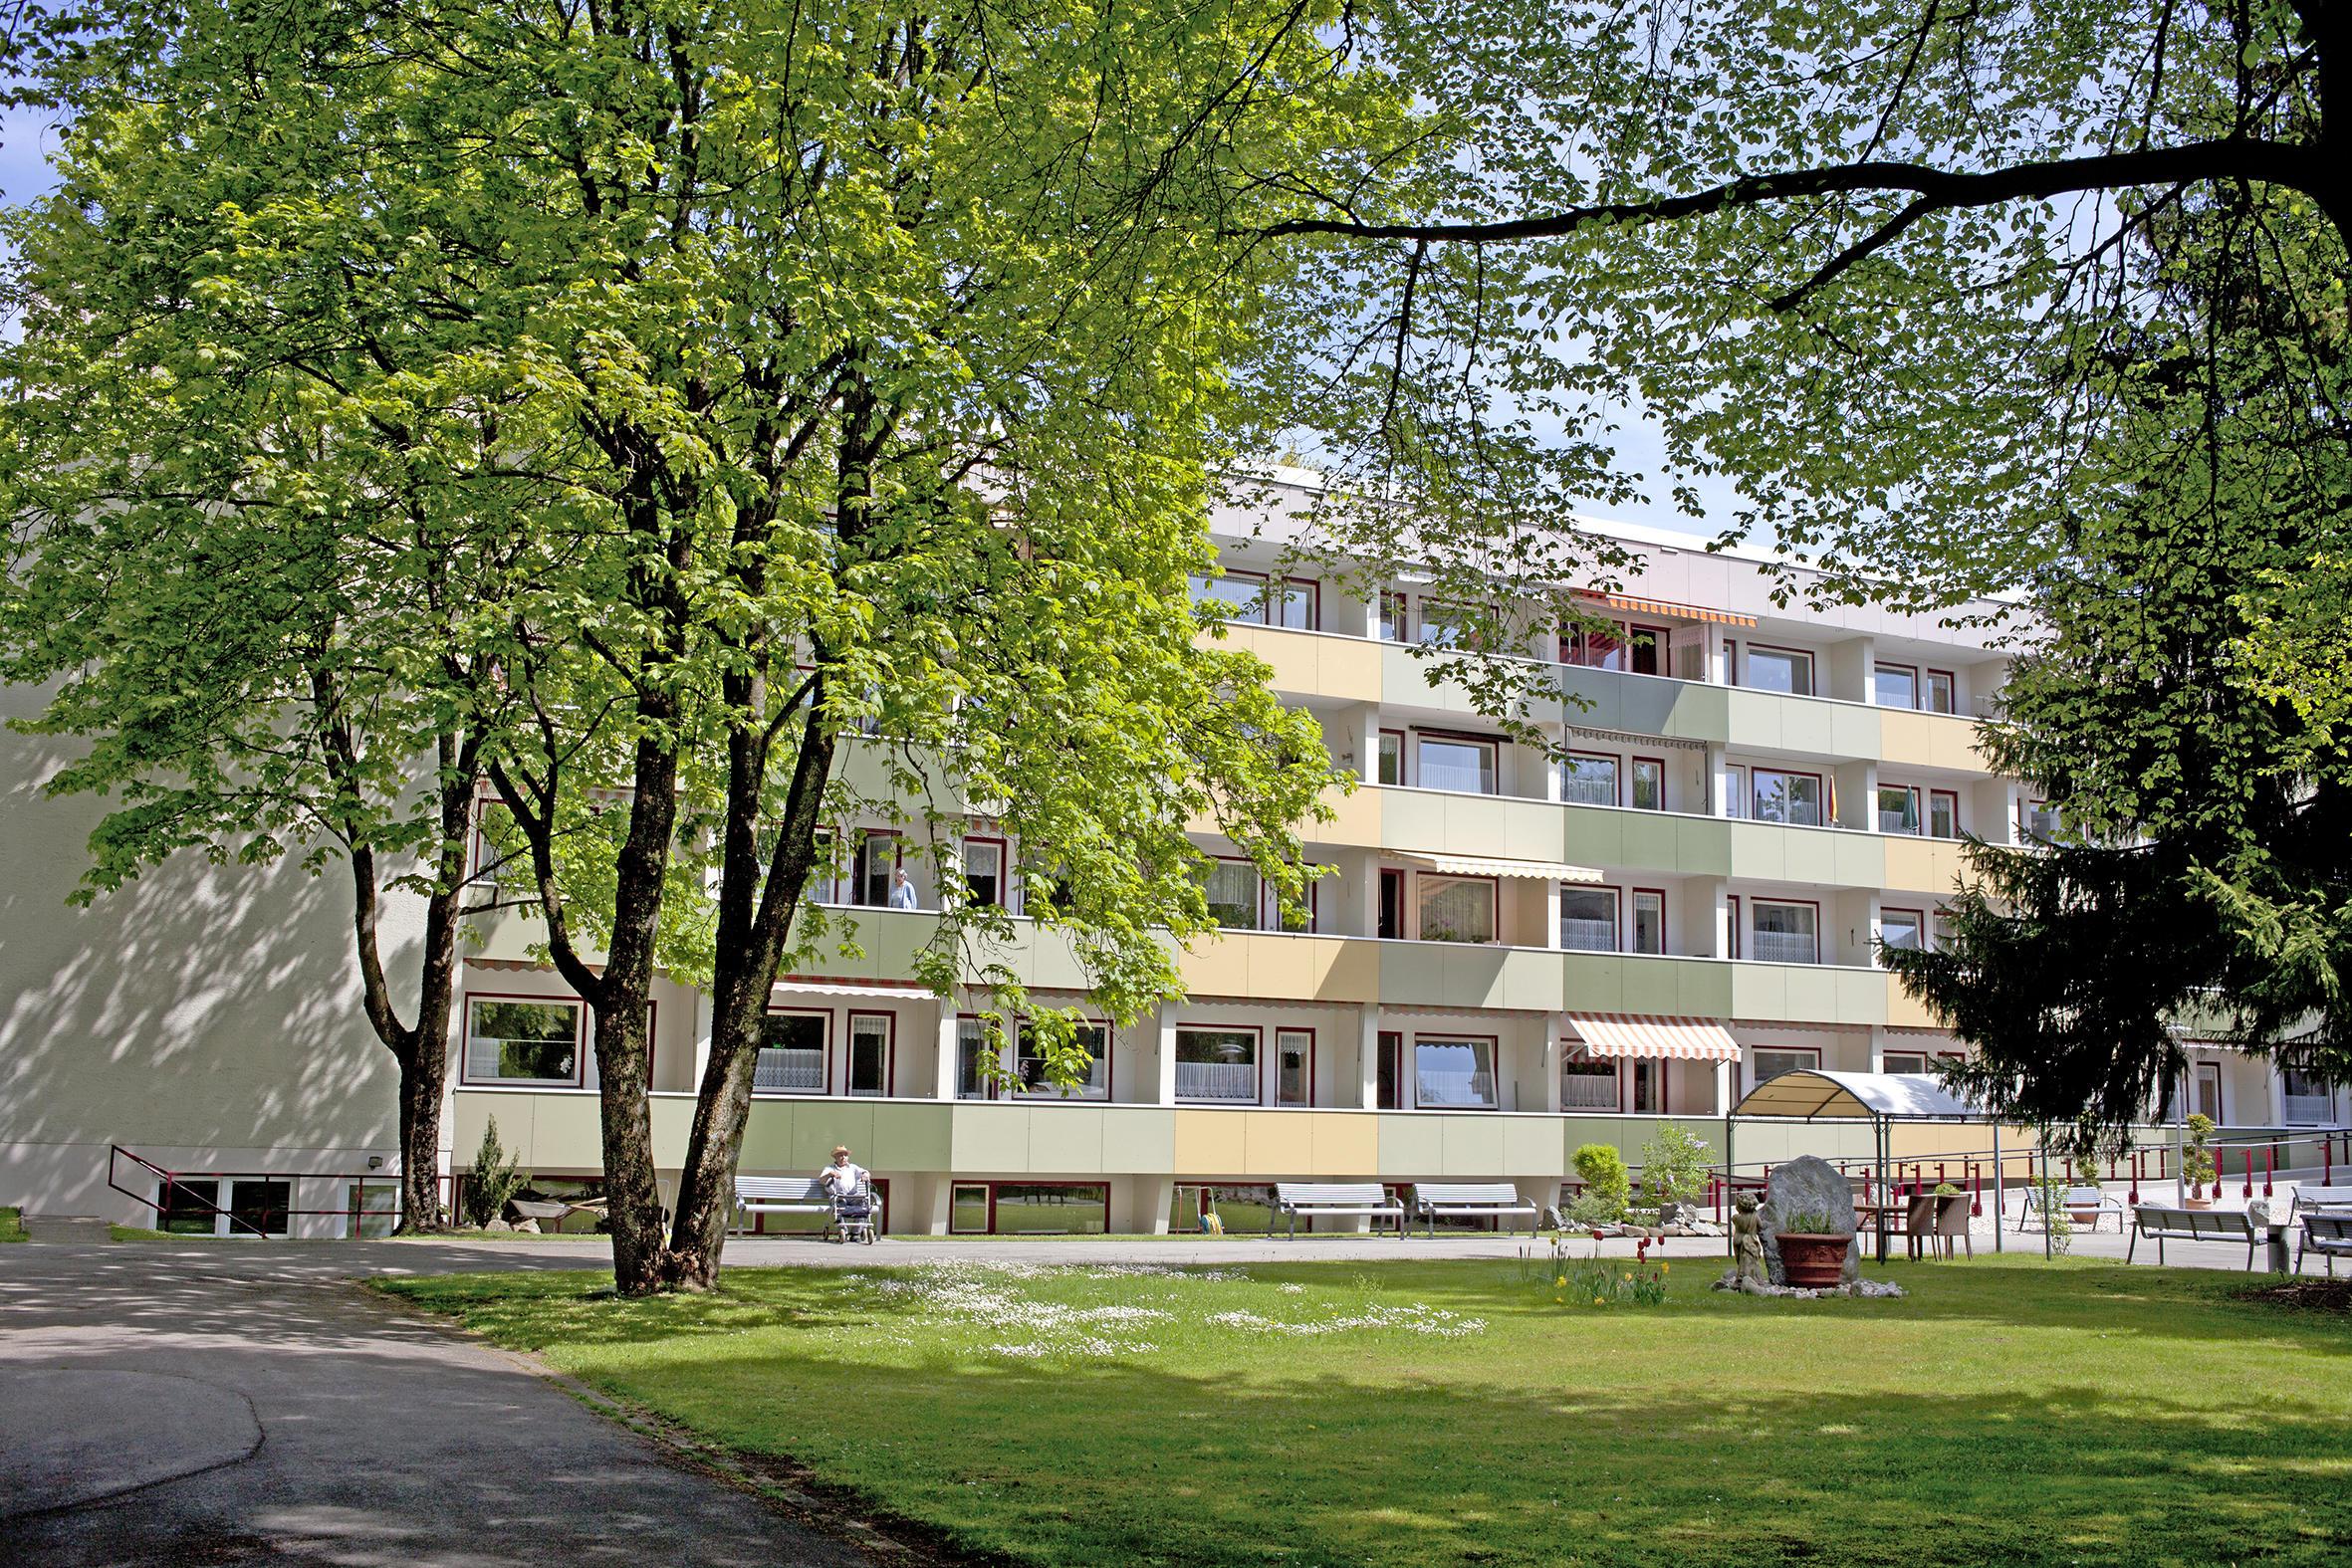 Seniorenwohn- und Pflegeheim Gulielminetti